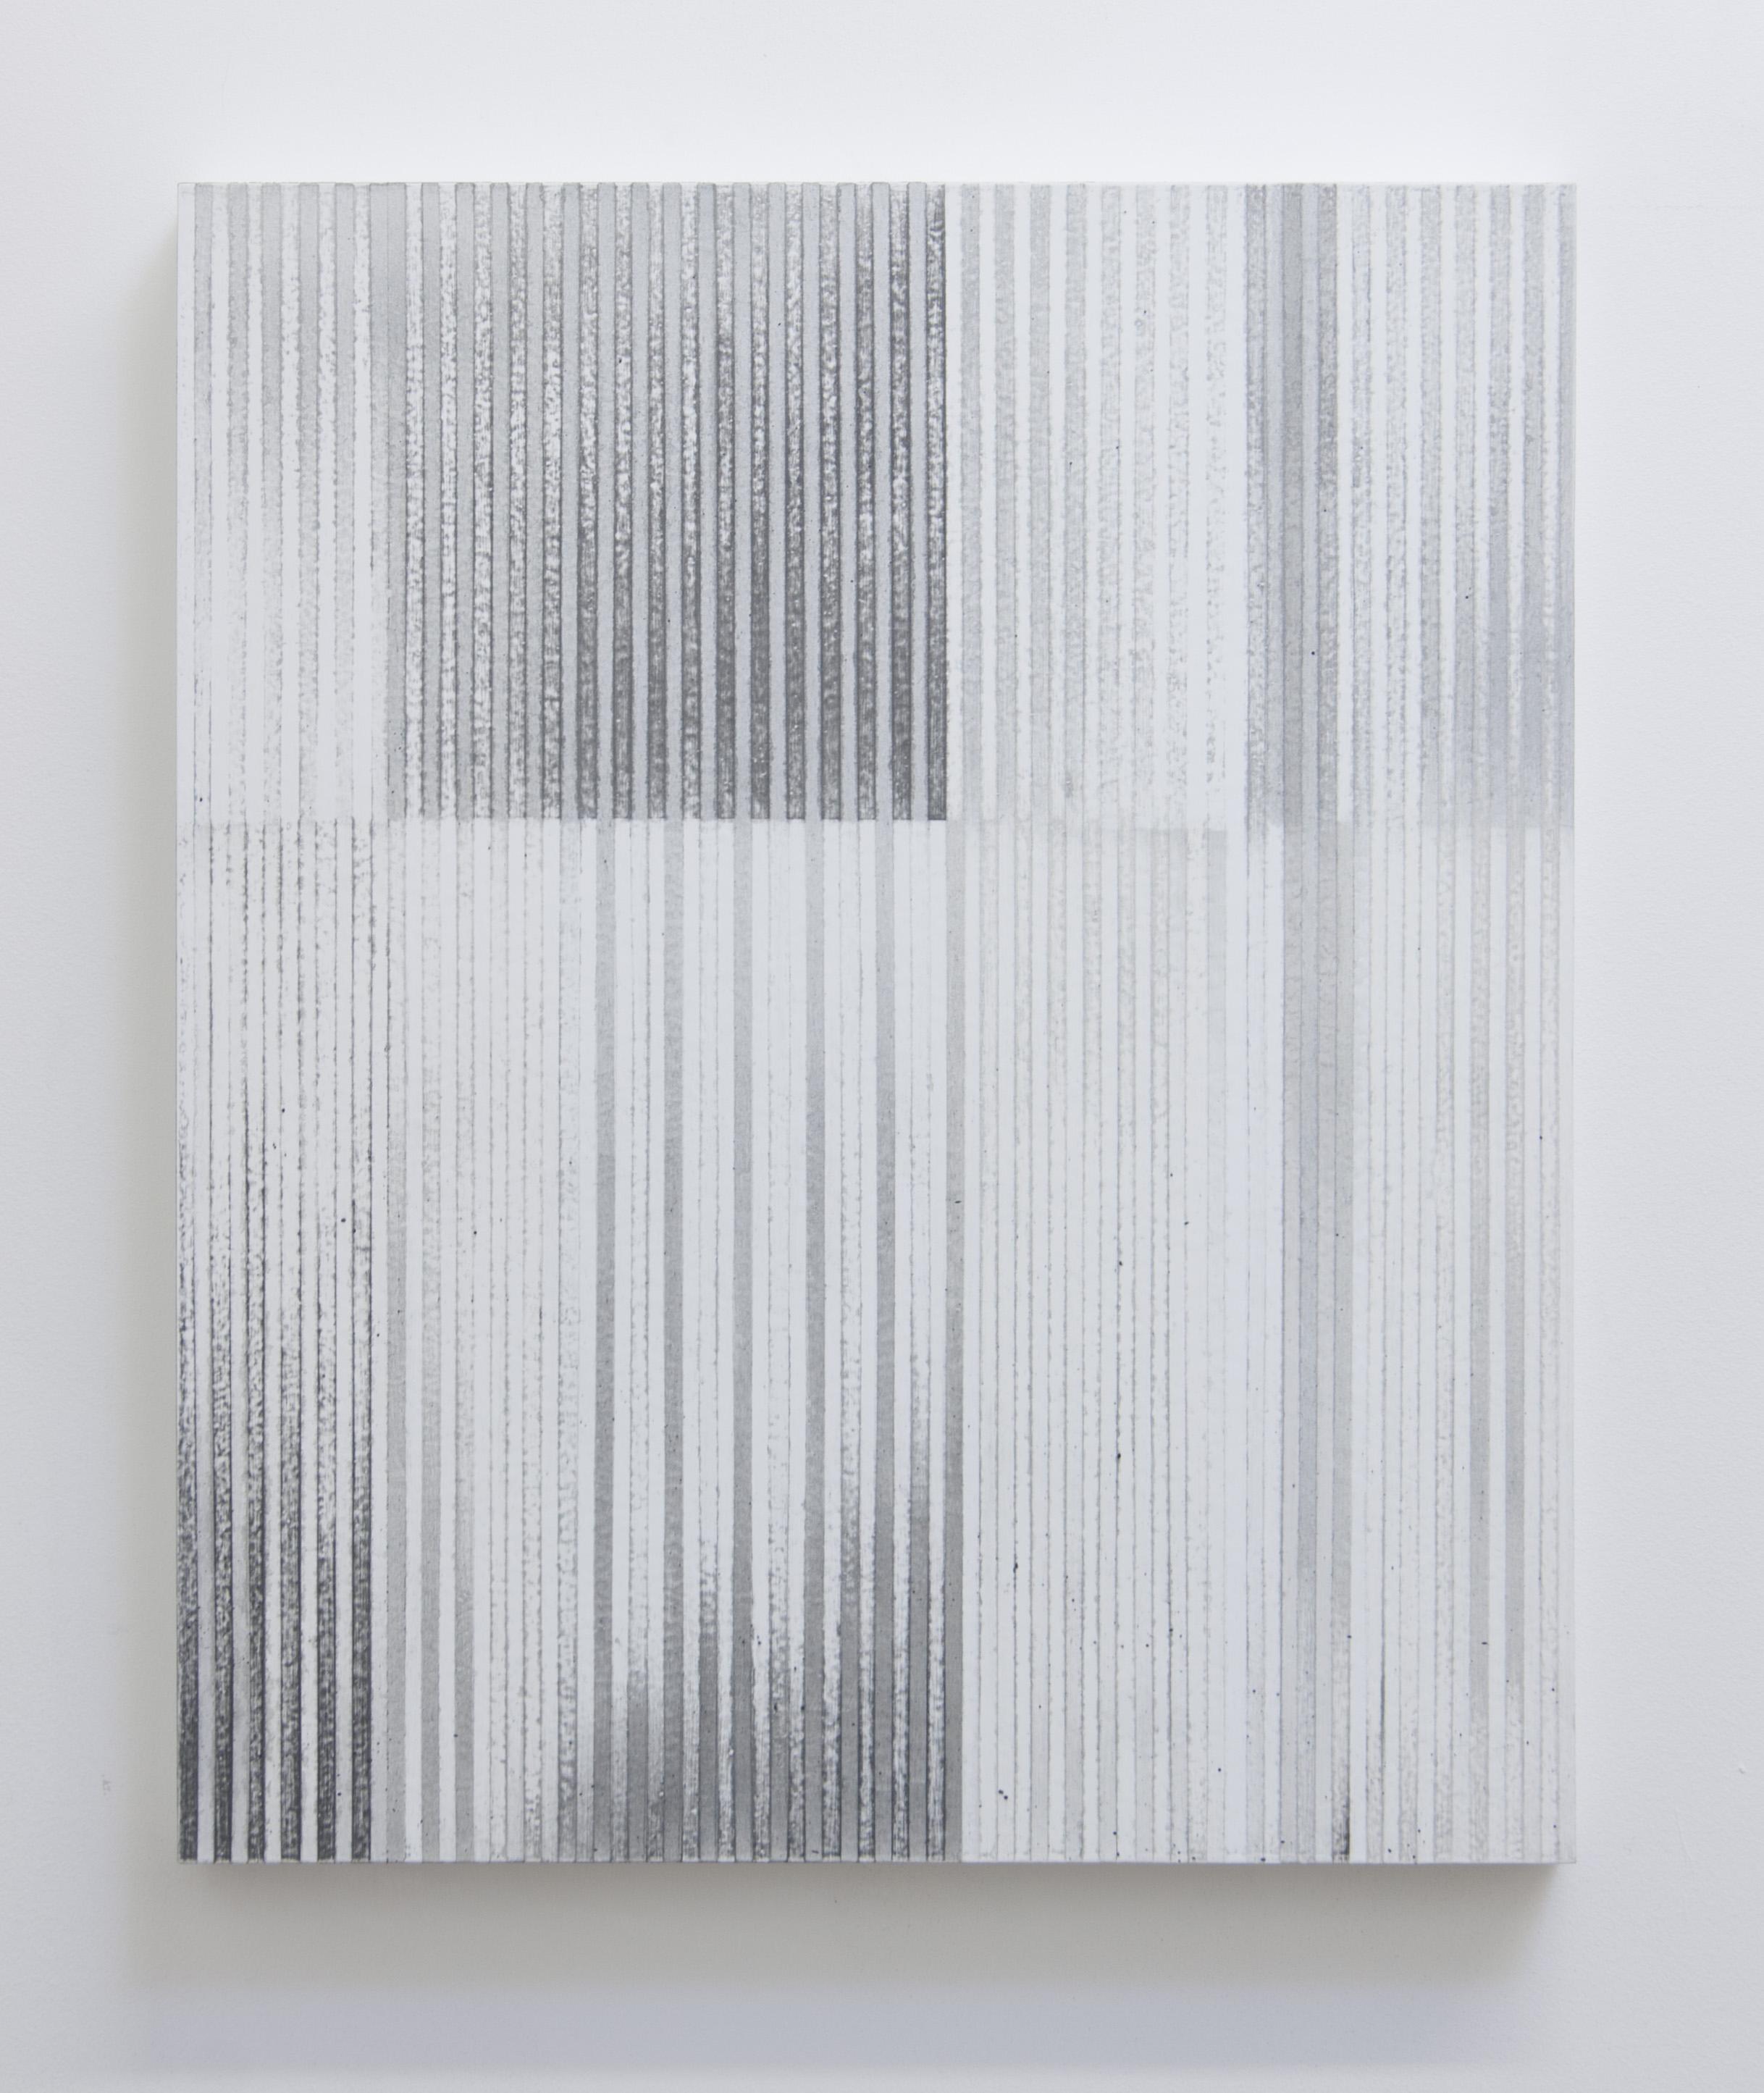 Bloodless Language III, 2014  Acrylic on panel, 24 x 20 inches